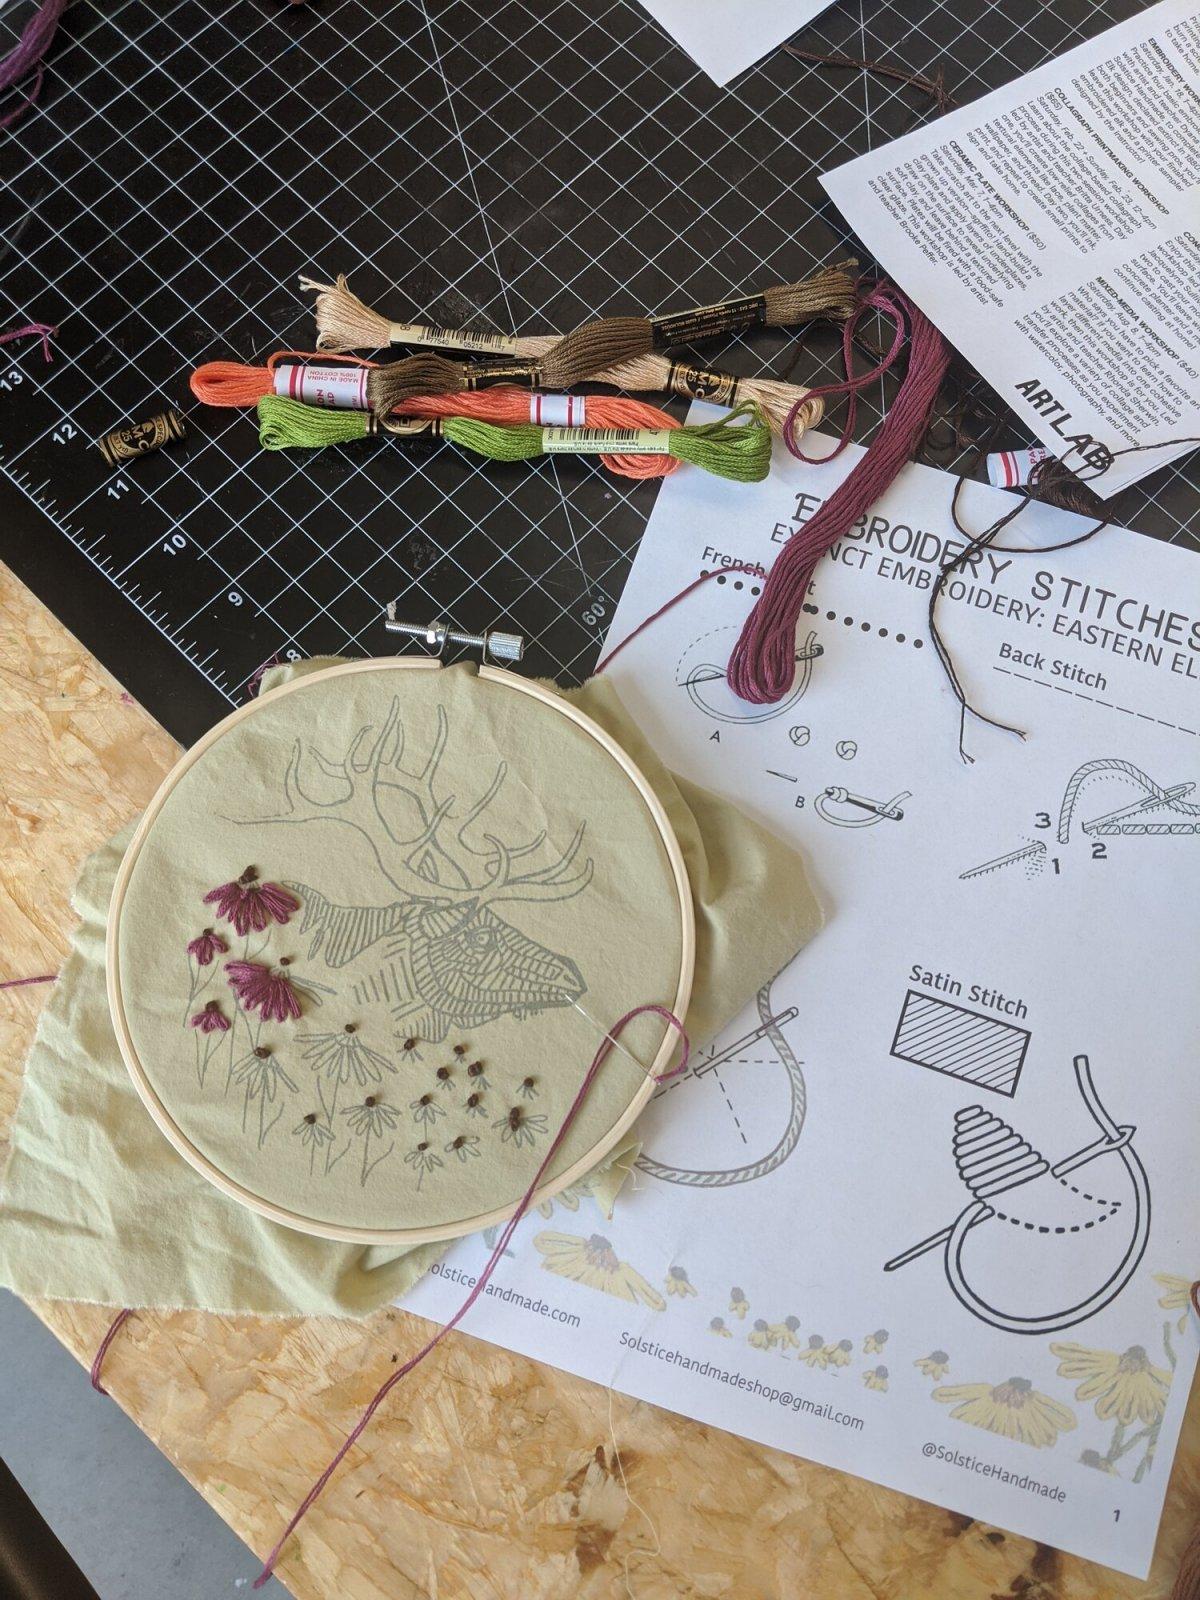 Embroidery Kit - Eastern Elk - Solstice Handmade